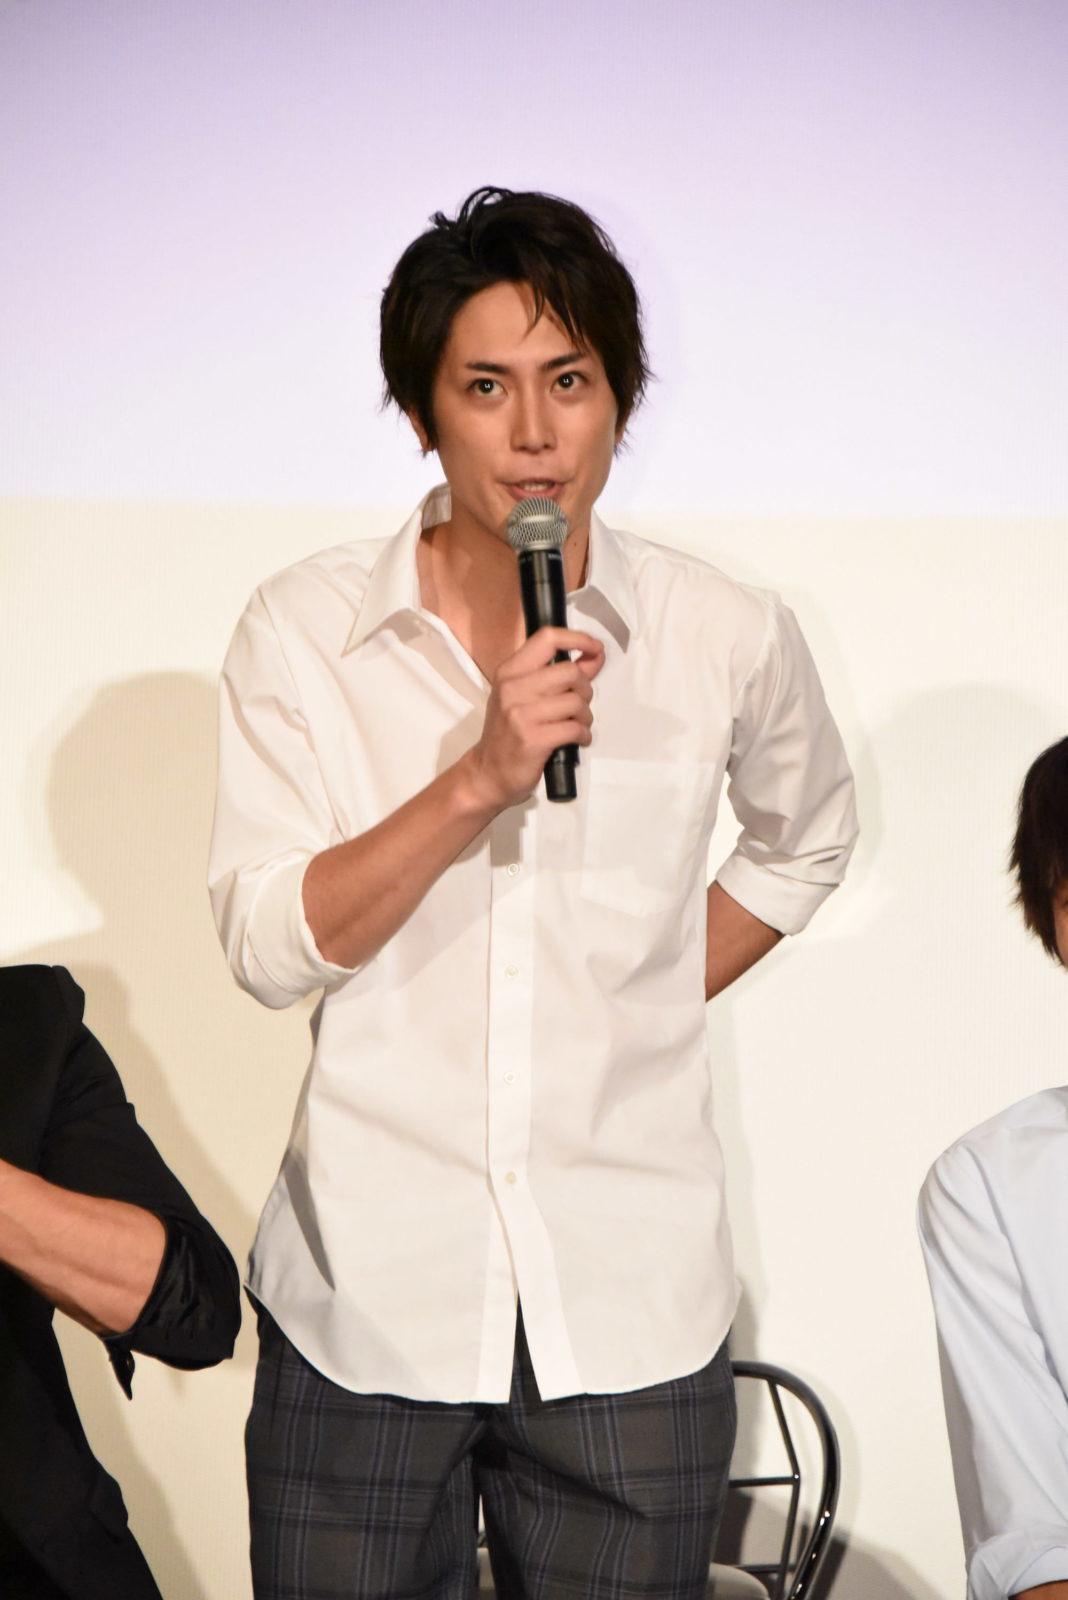 間宮祥太朗、尼神インター誠子とのキスシーン!?に「コラ!離れろ離れろ」サムネイル画像